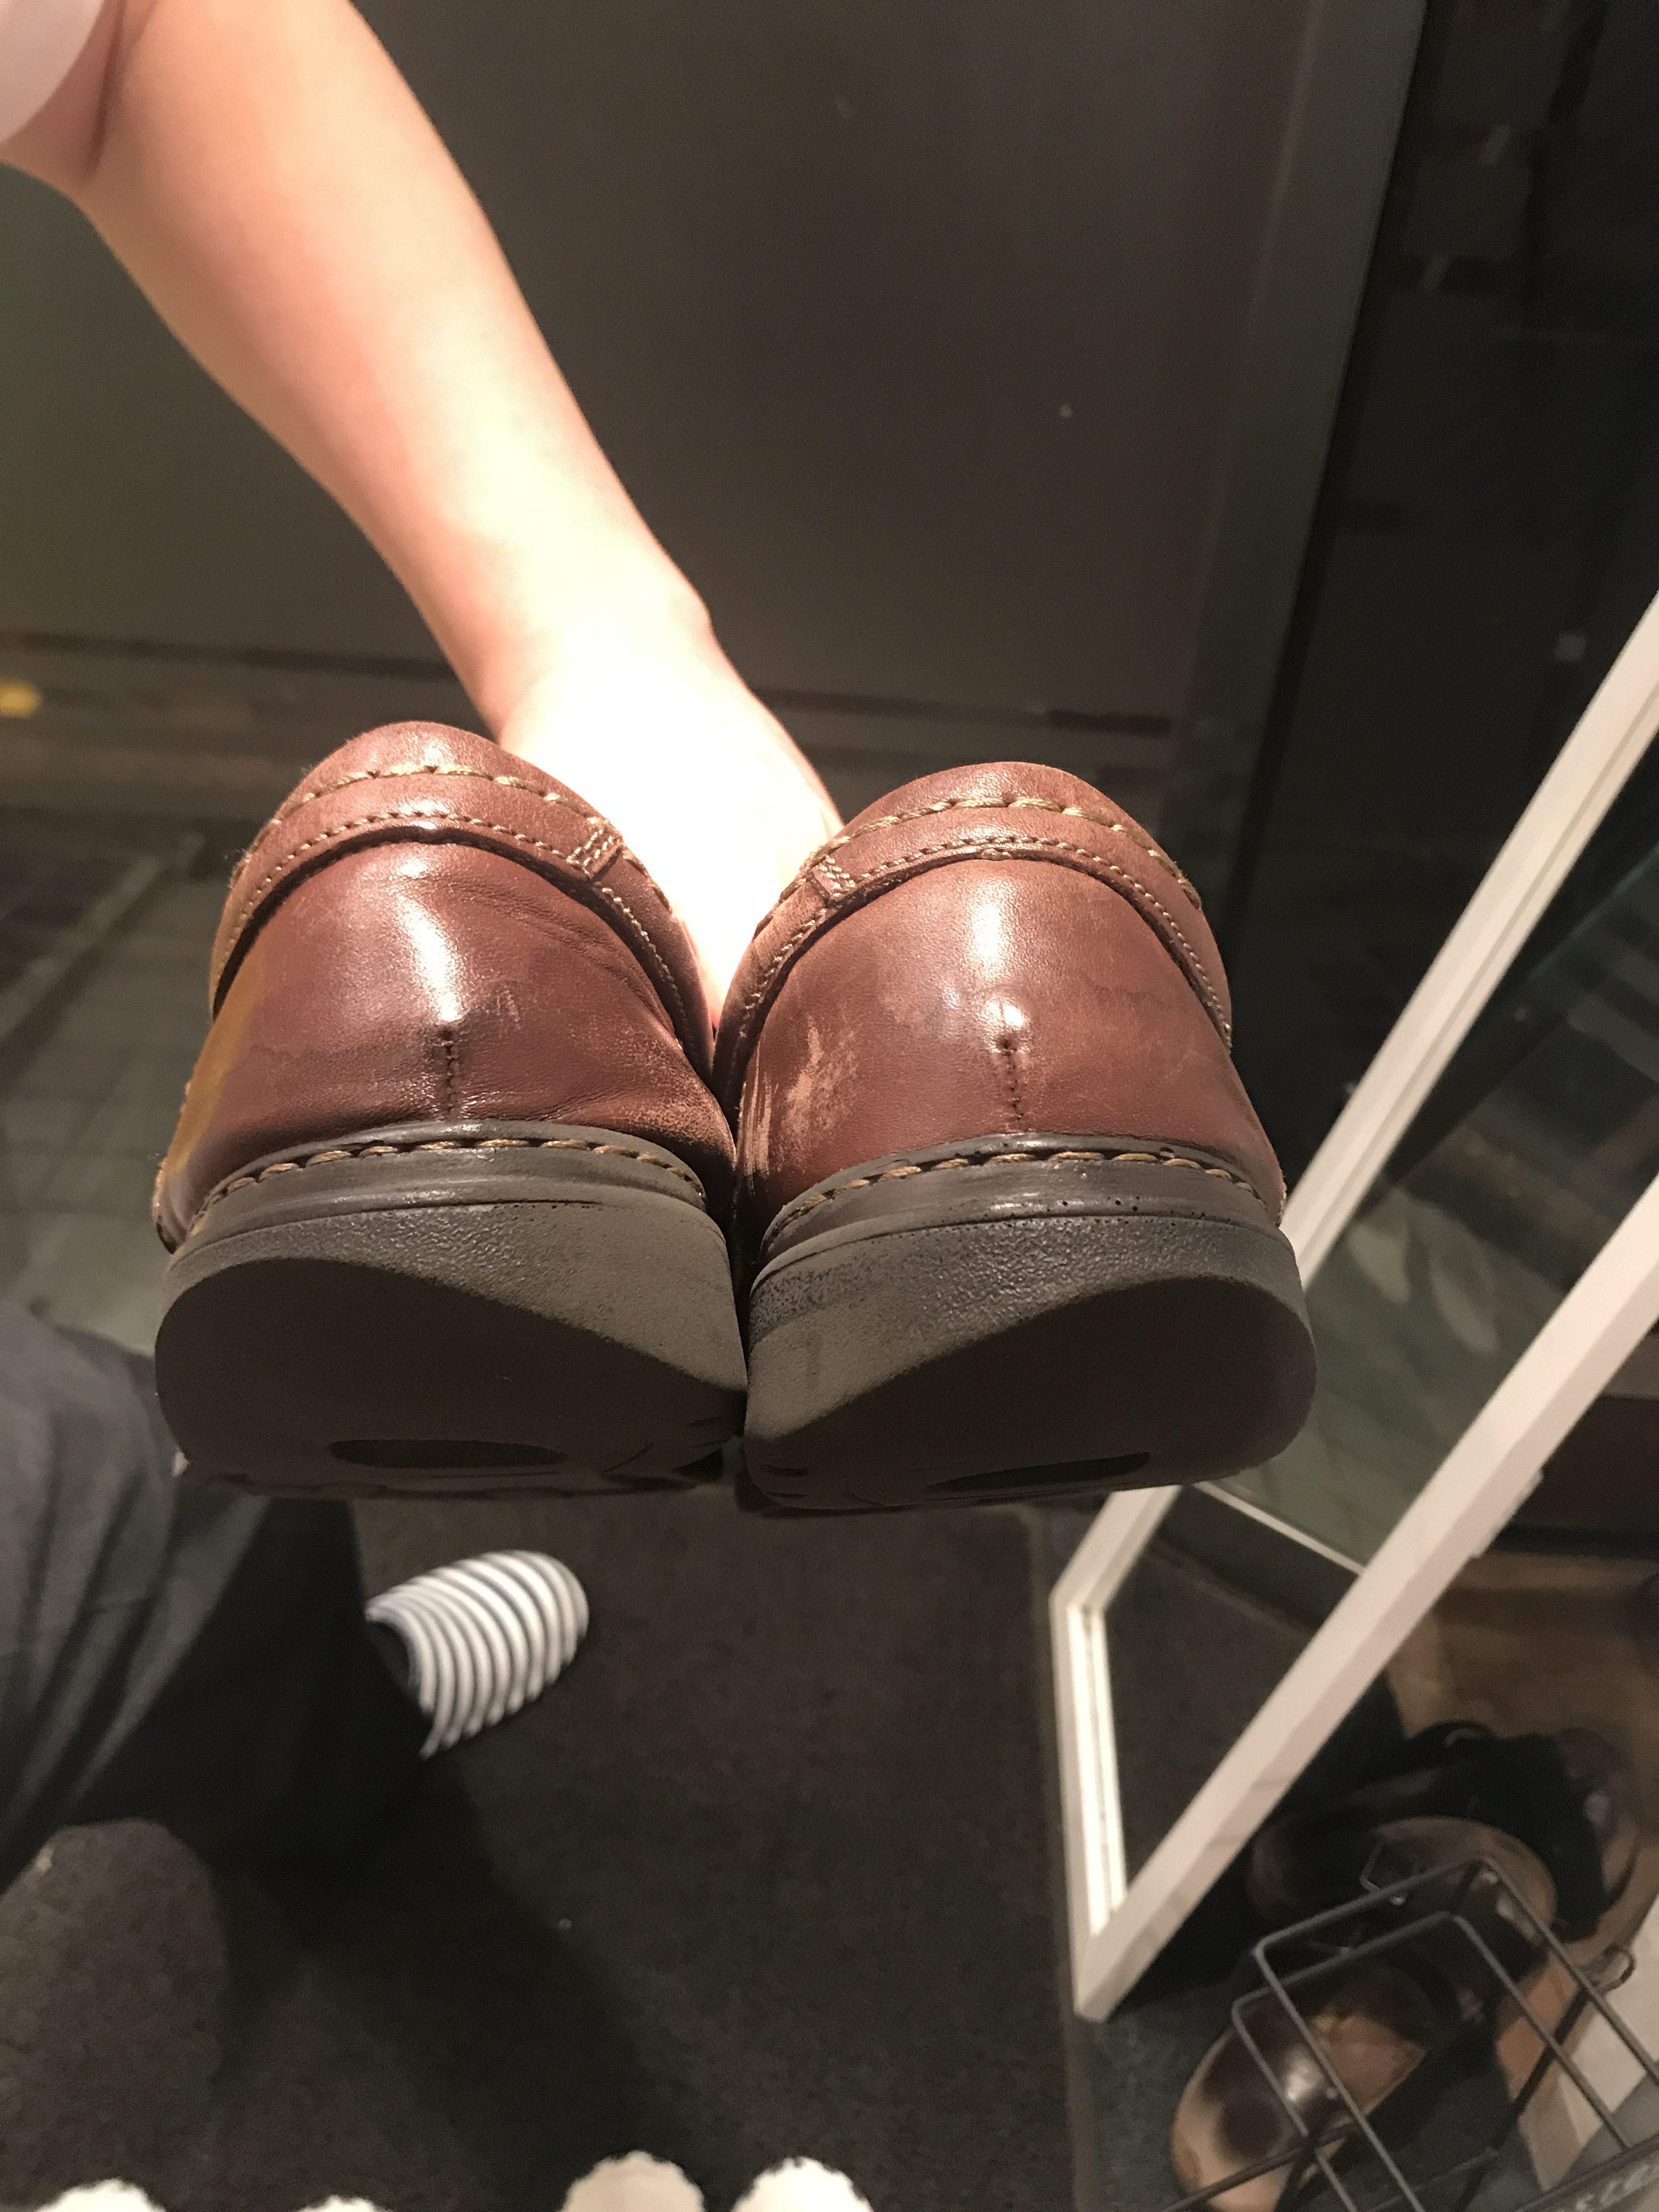 磨り減った靴を履いていたら首が痛くなった話